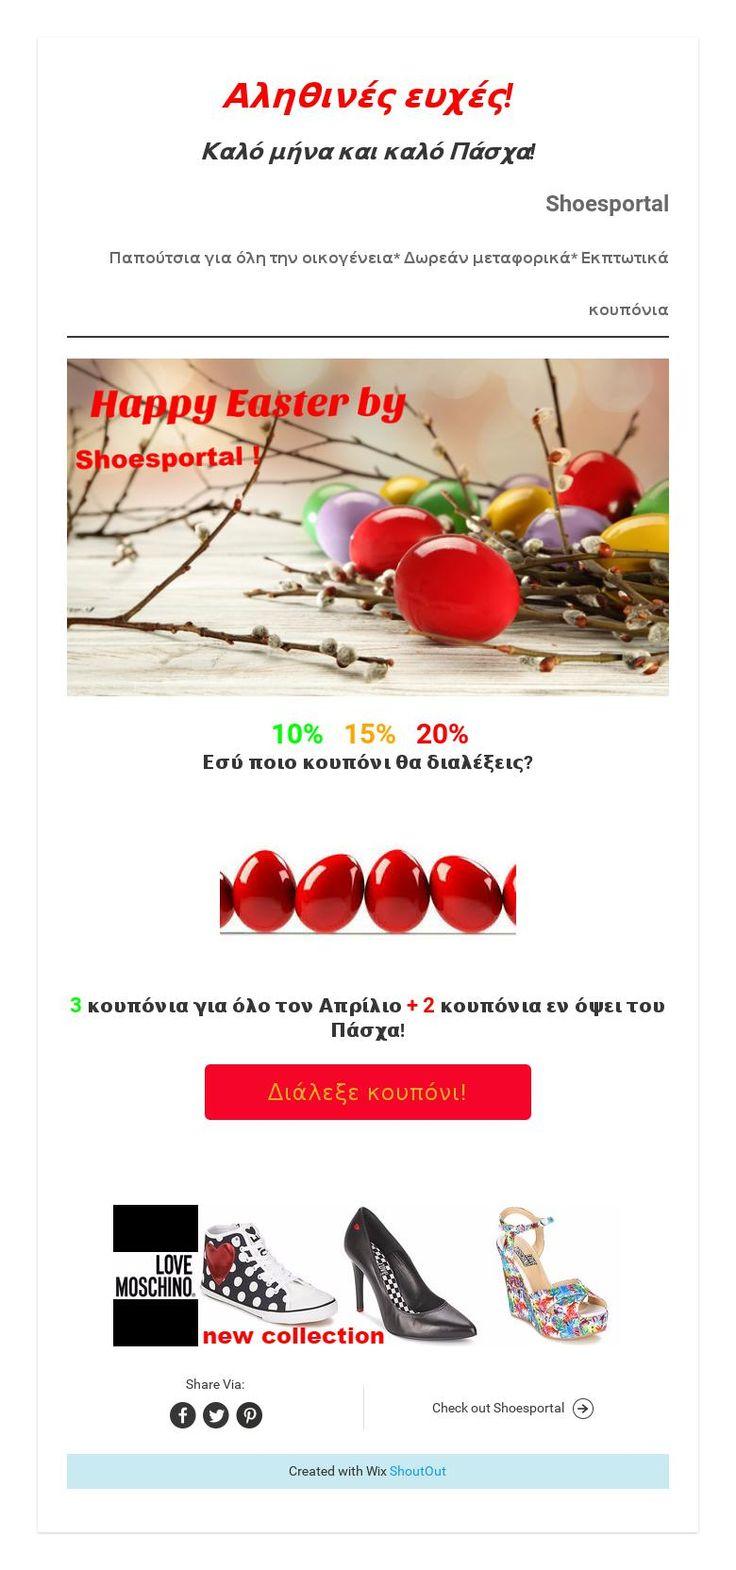 Αληθινές ευχές, αληθινά κουπόνια! #shoes #fashion #coupons